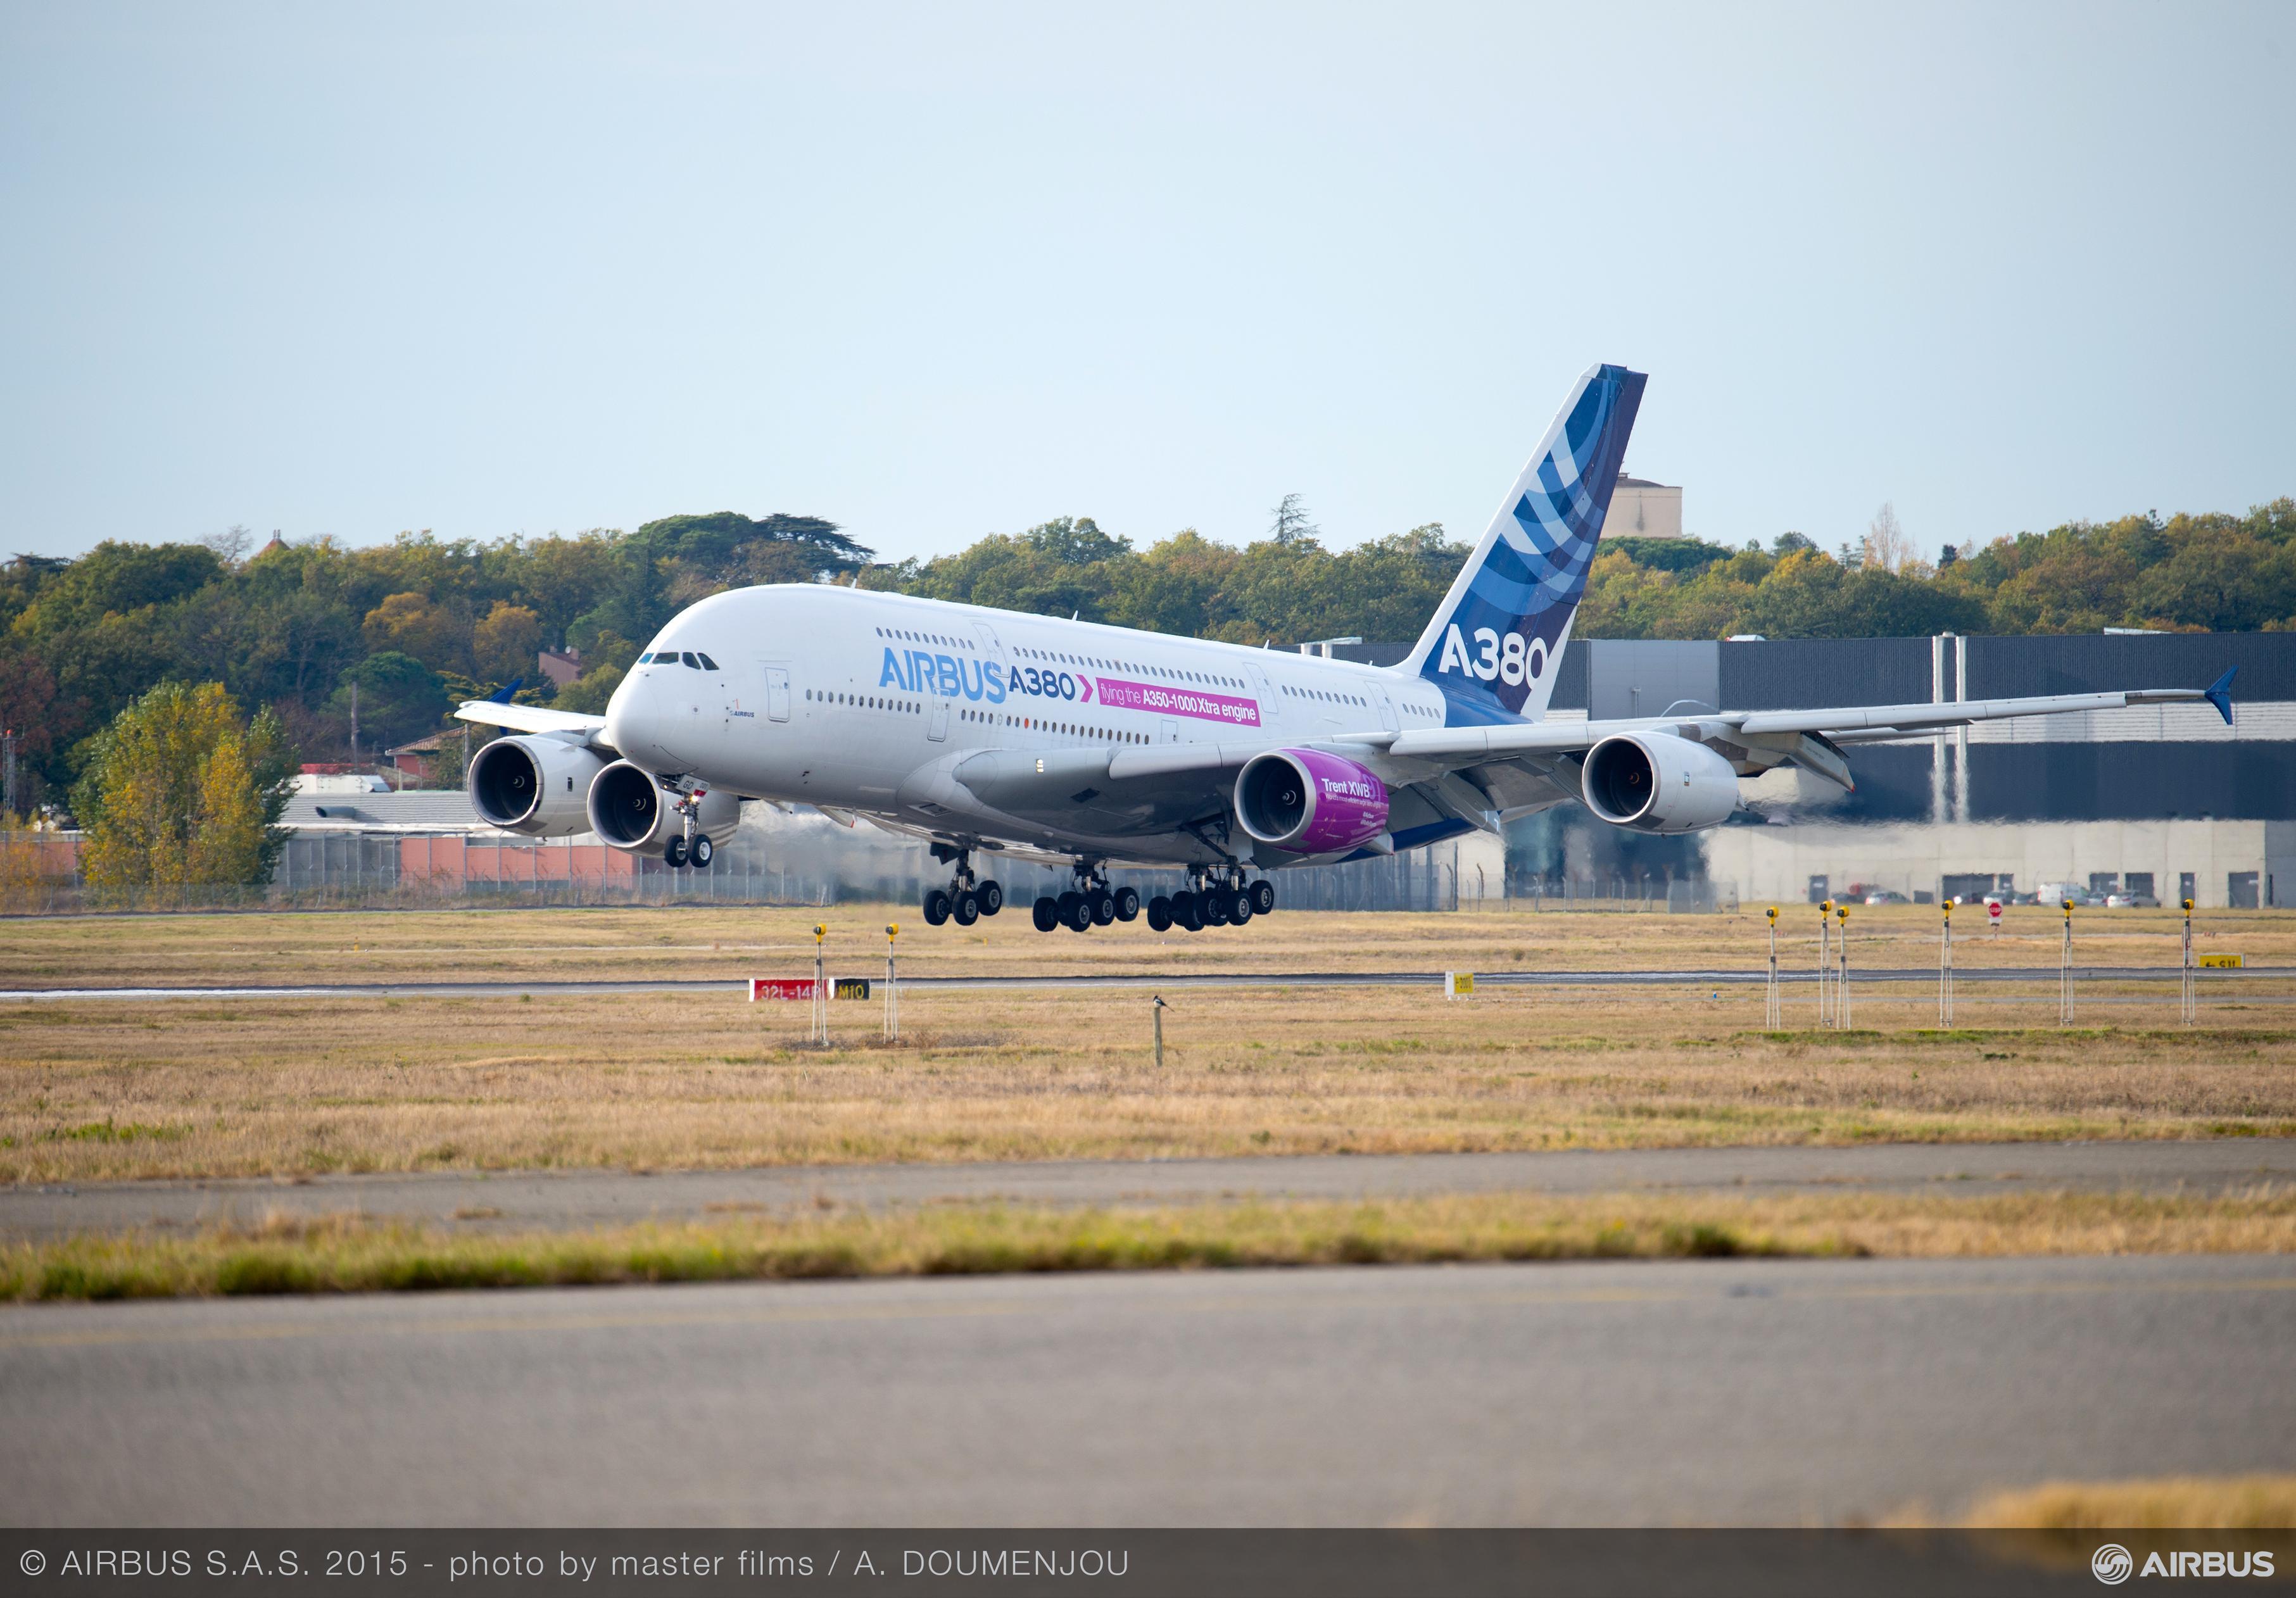 A350-1000_FTB_FIRST_FLIGHT-LANDING-002